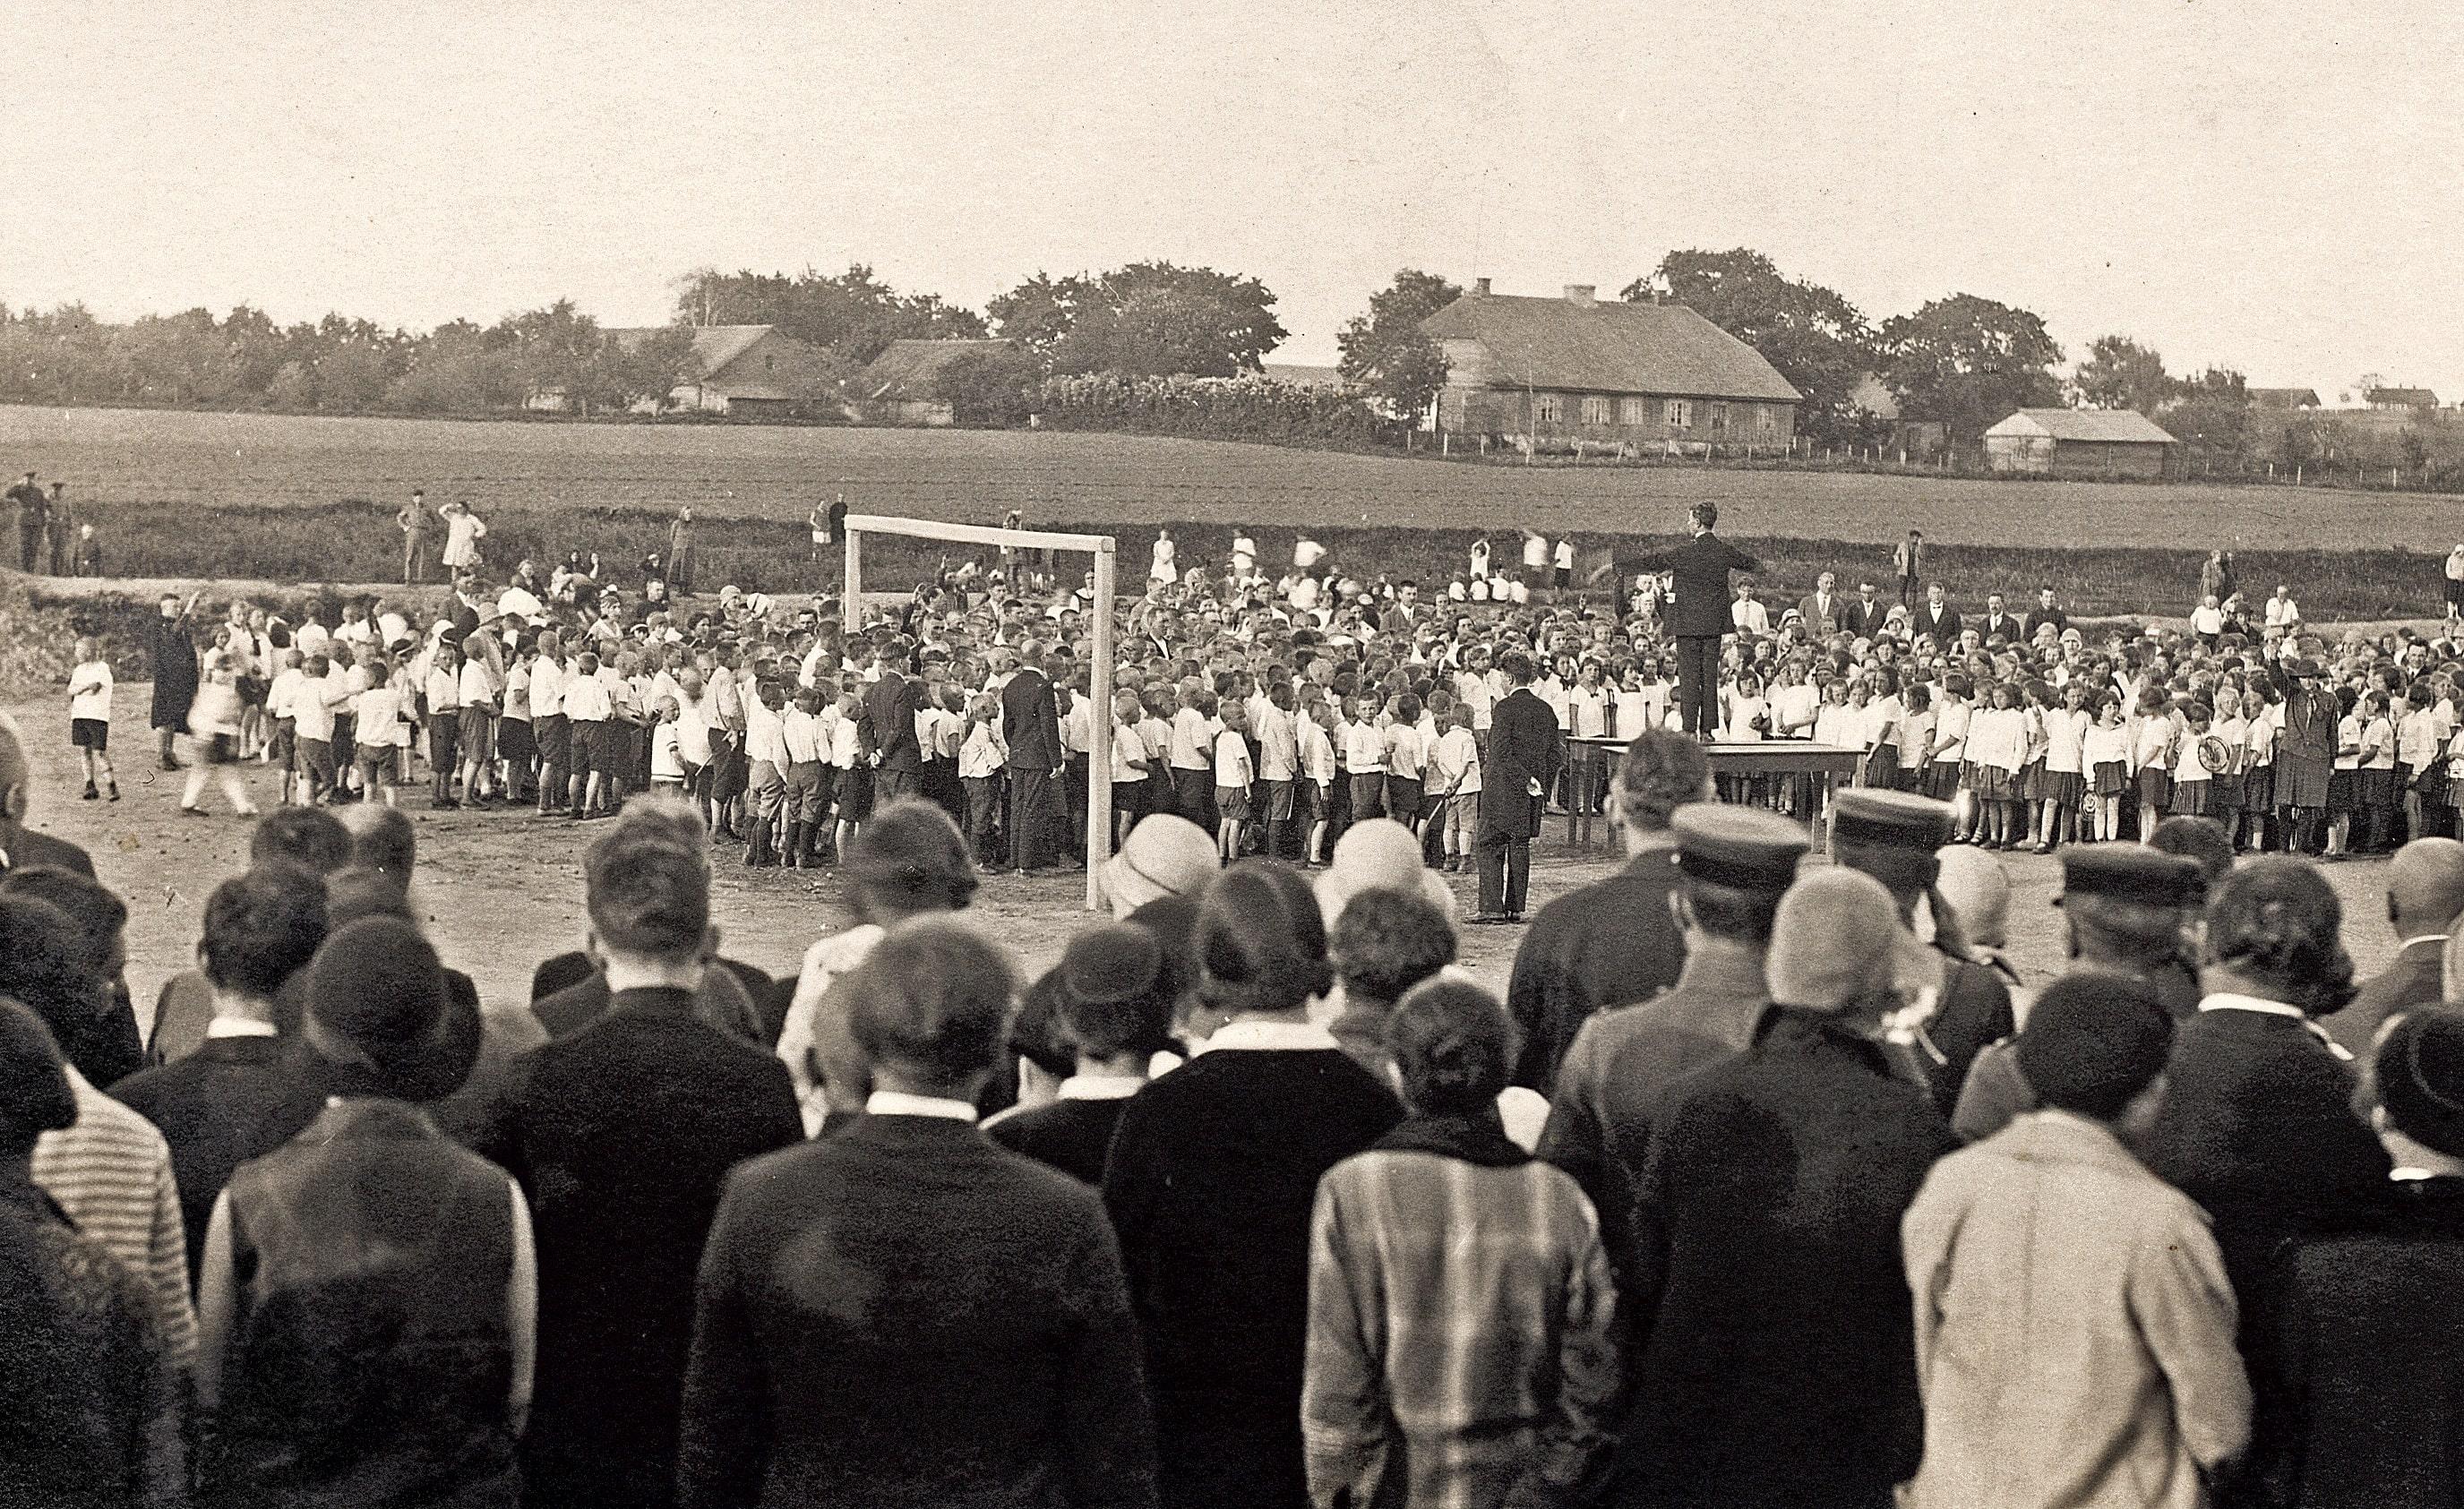 Choristų pasirodymas dainų ir sporto šventėje Antrojo artilerijos pulko stadione